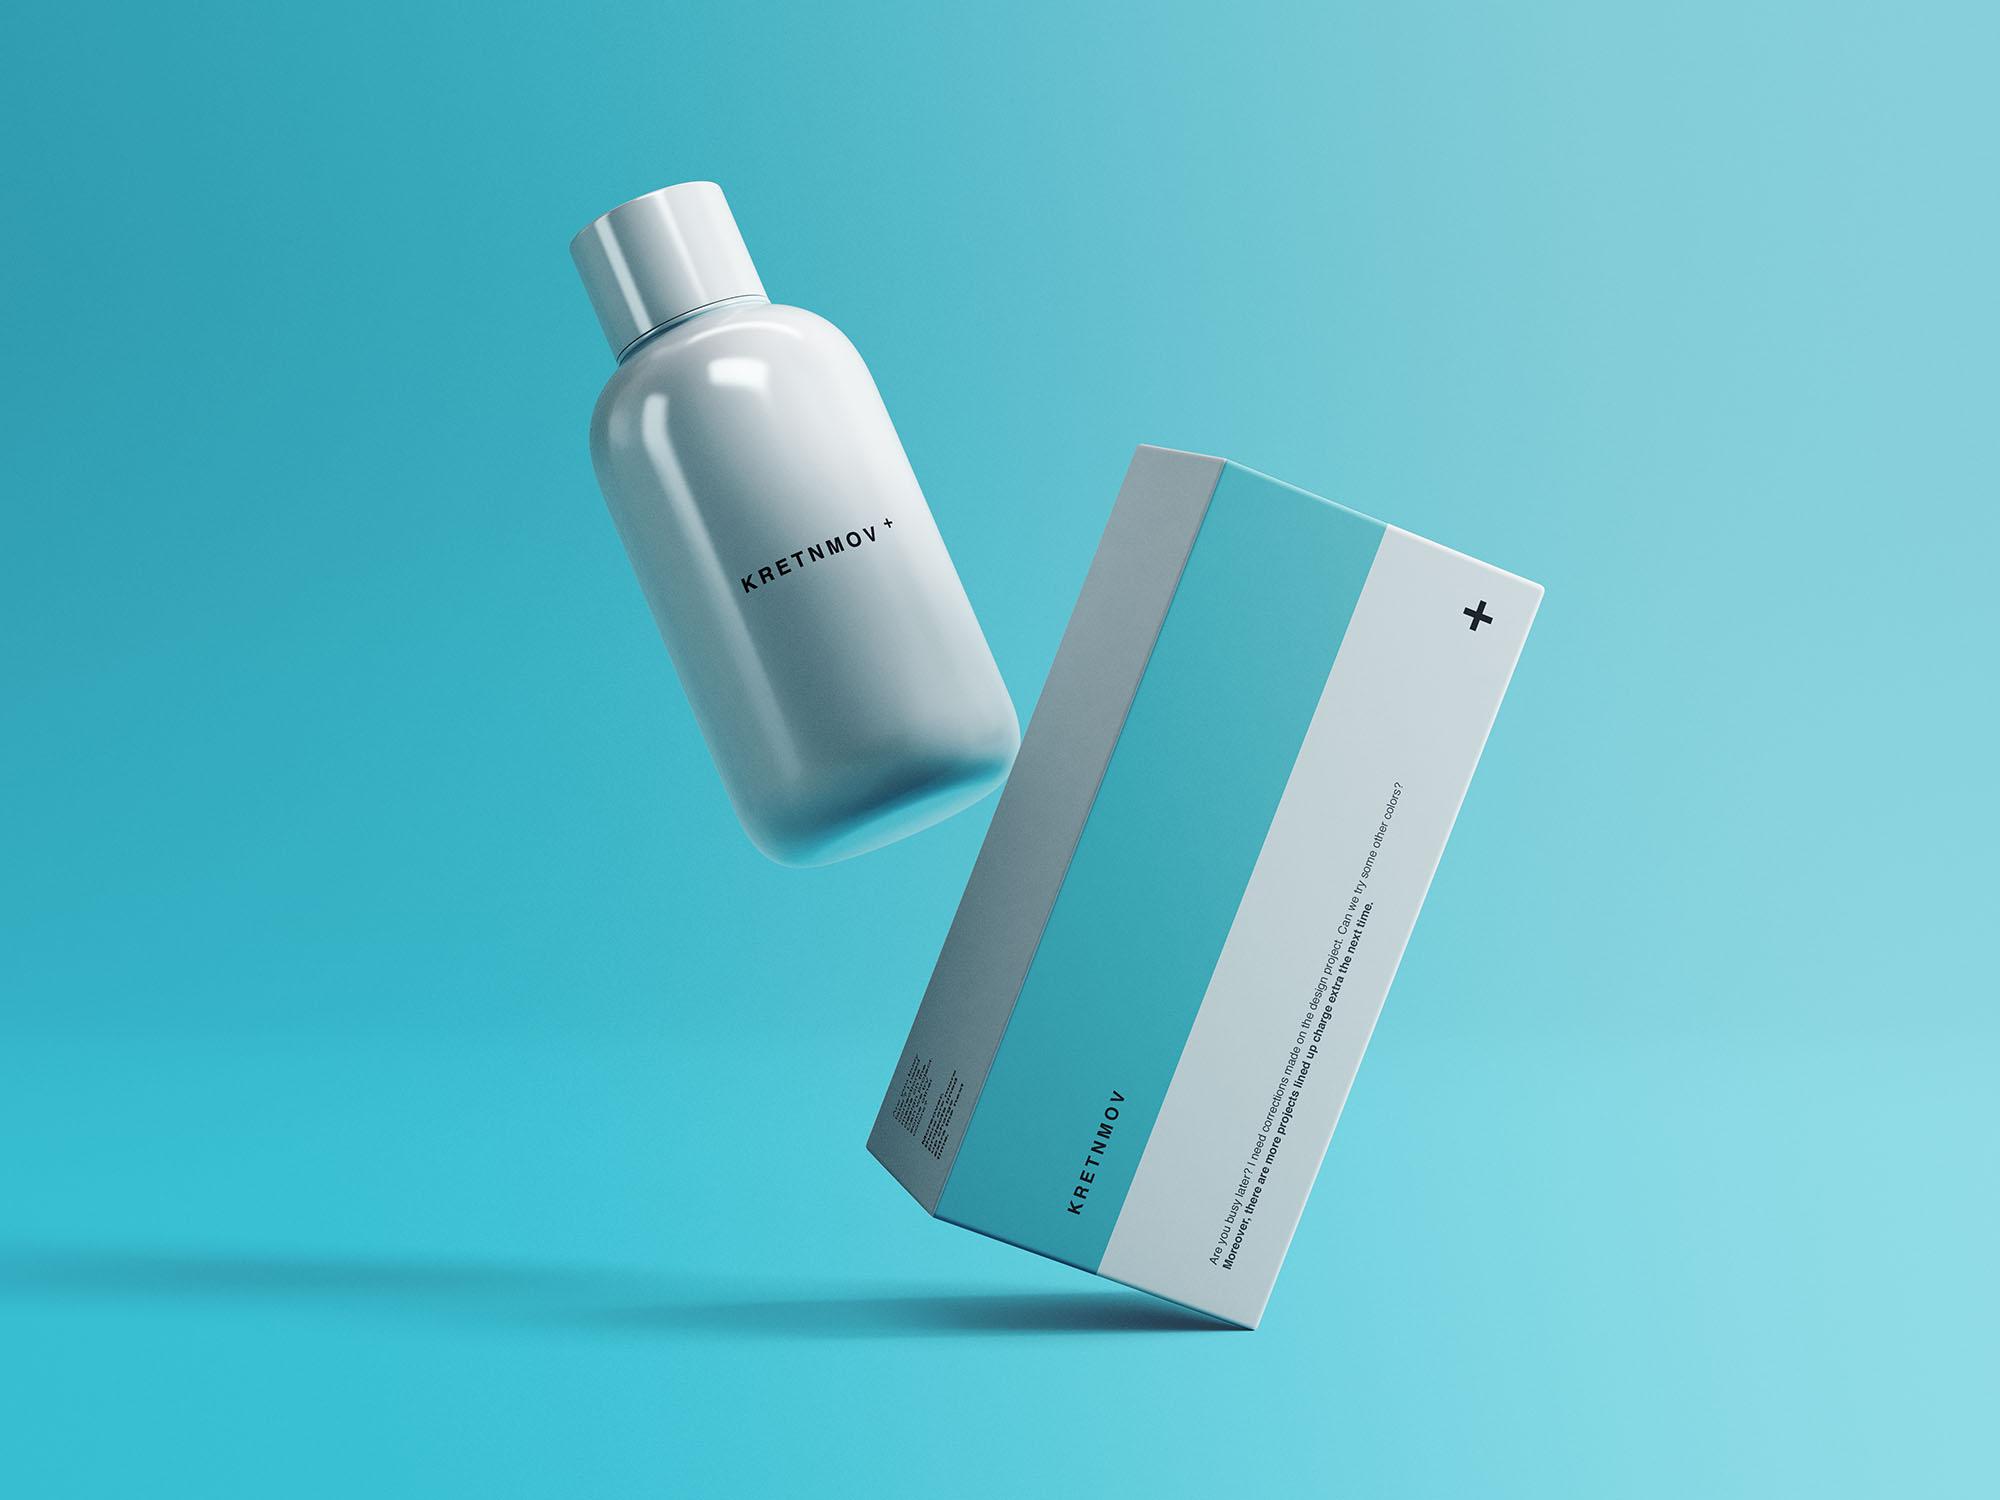 浮动医疗药丸塑料瓶&包装盒子设计效果图样机模板 Medical Packaging Mockup插图